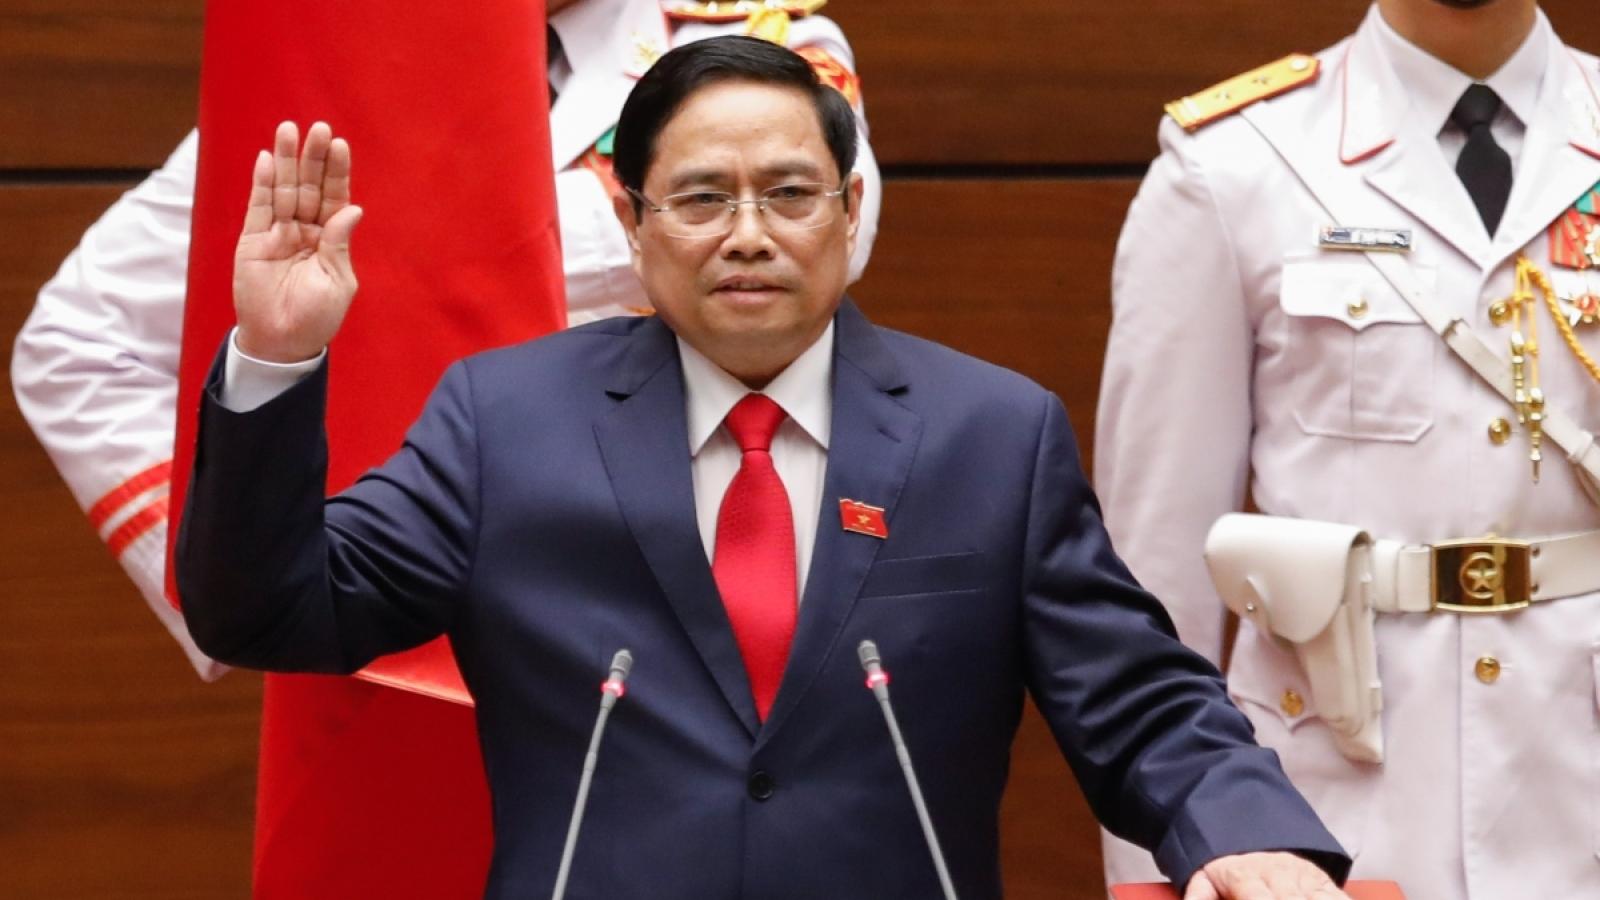 ĐBQH kỳ vọng tân Thủ tướng Chính phủ quyết liệt hành động, liêm chính